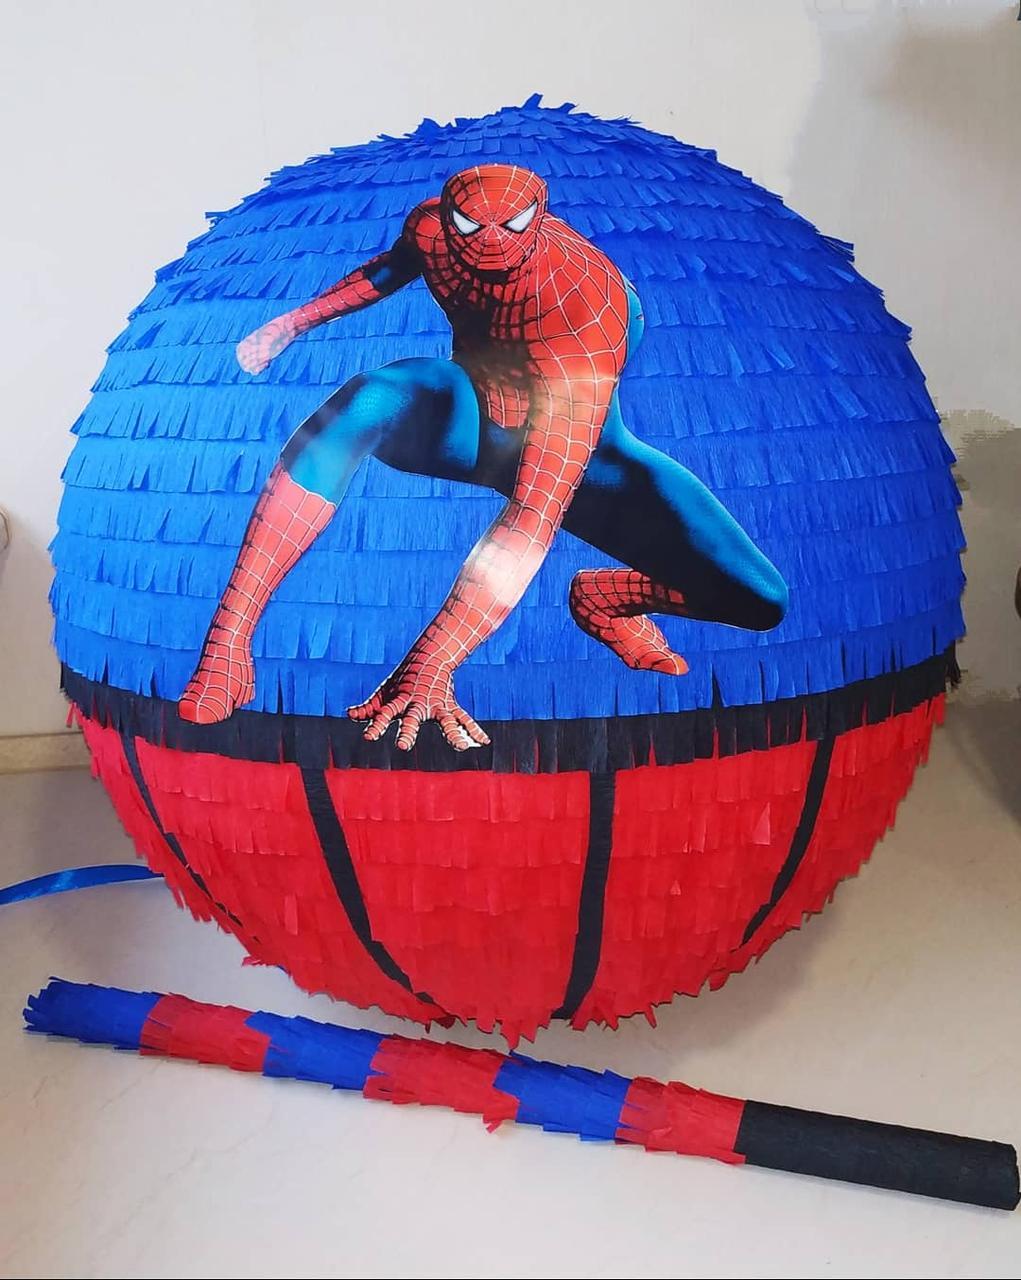 Пиньята - шар для разбивания с сюрпризом Спайдермен Человек-паук